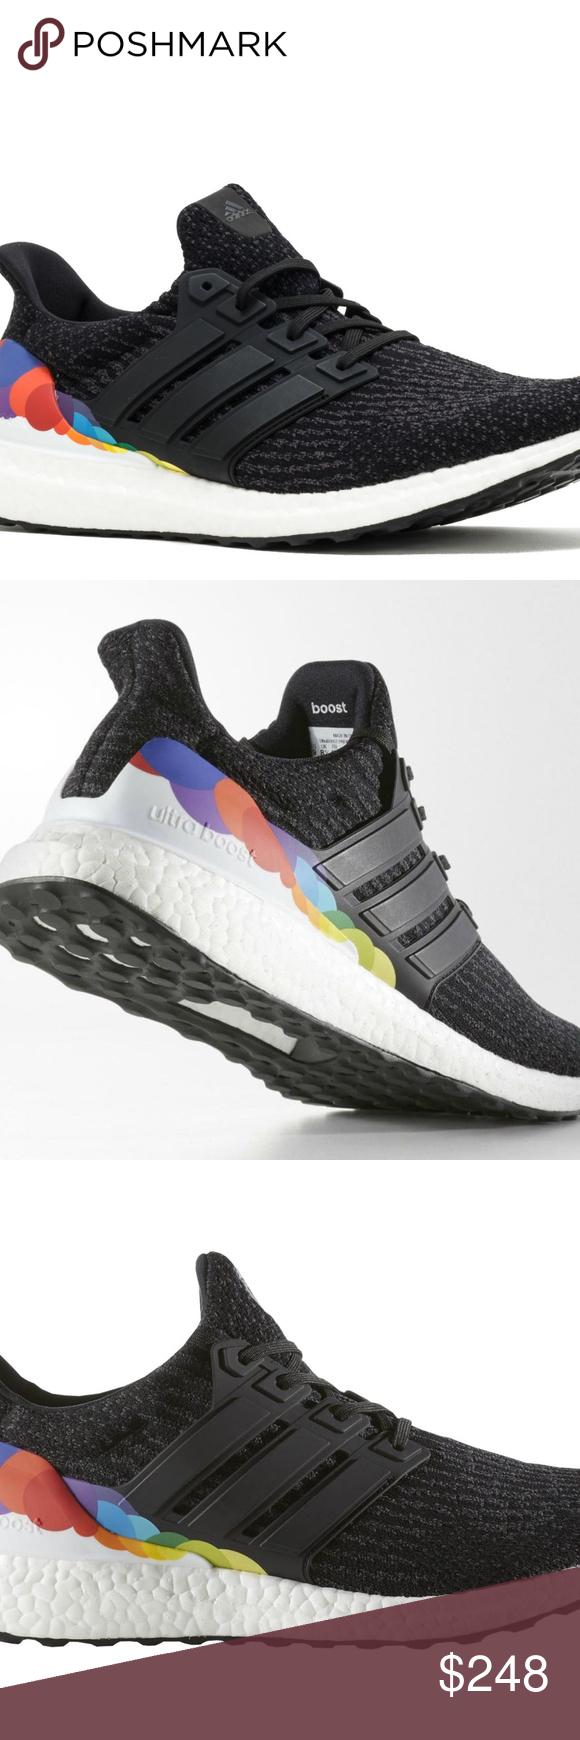 MINT 8 Adidas Ultra Boost Pride Black Rainbow Mens 8 MINT MINT Adidas Ultra 723fd4